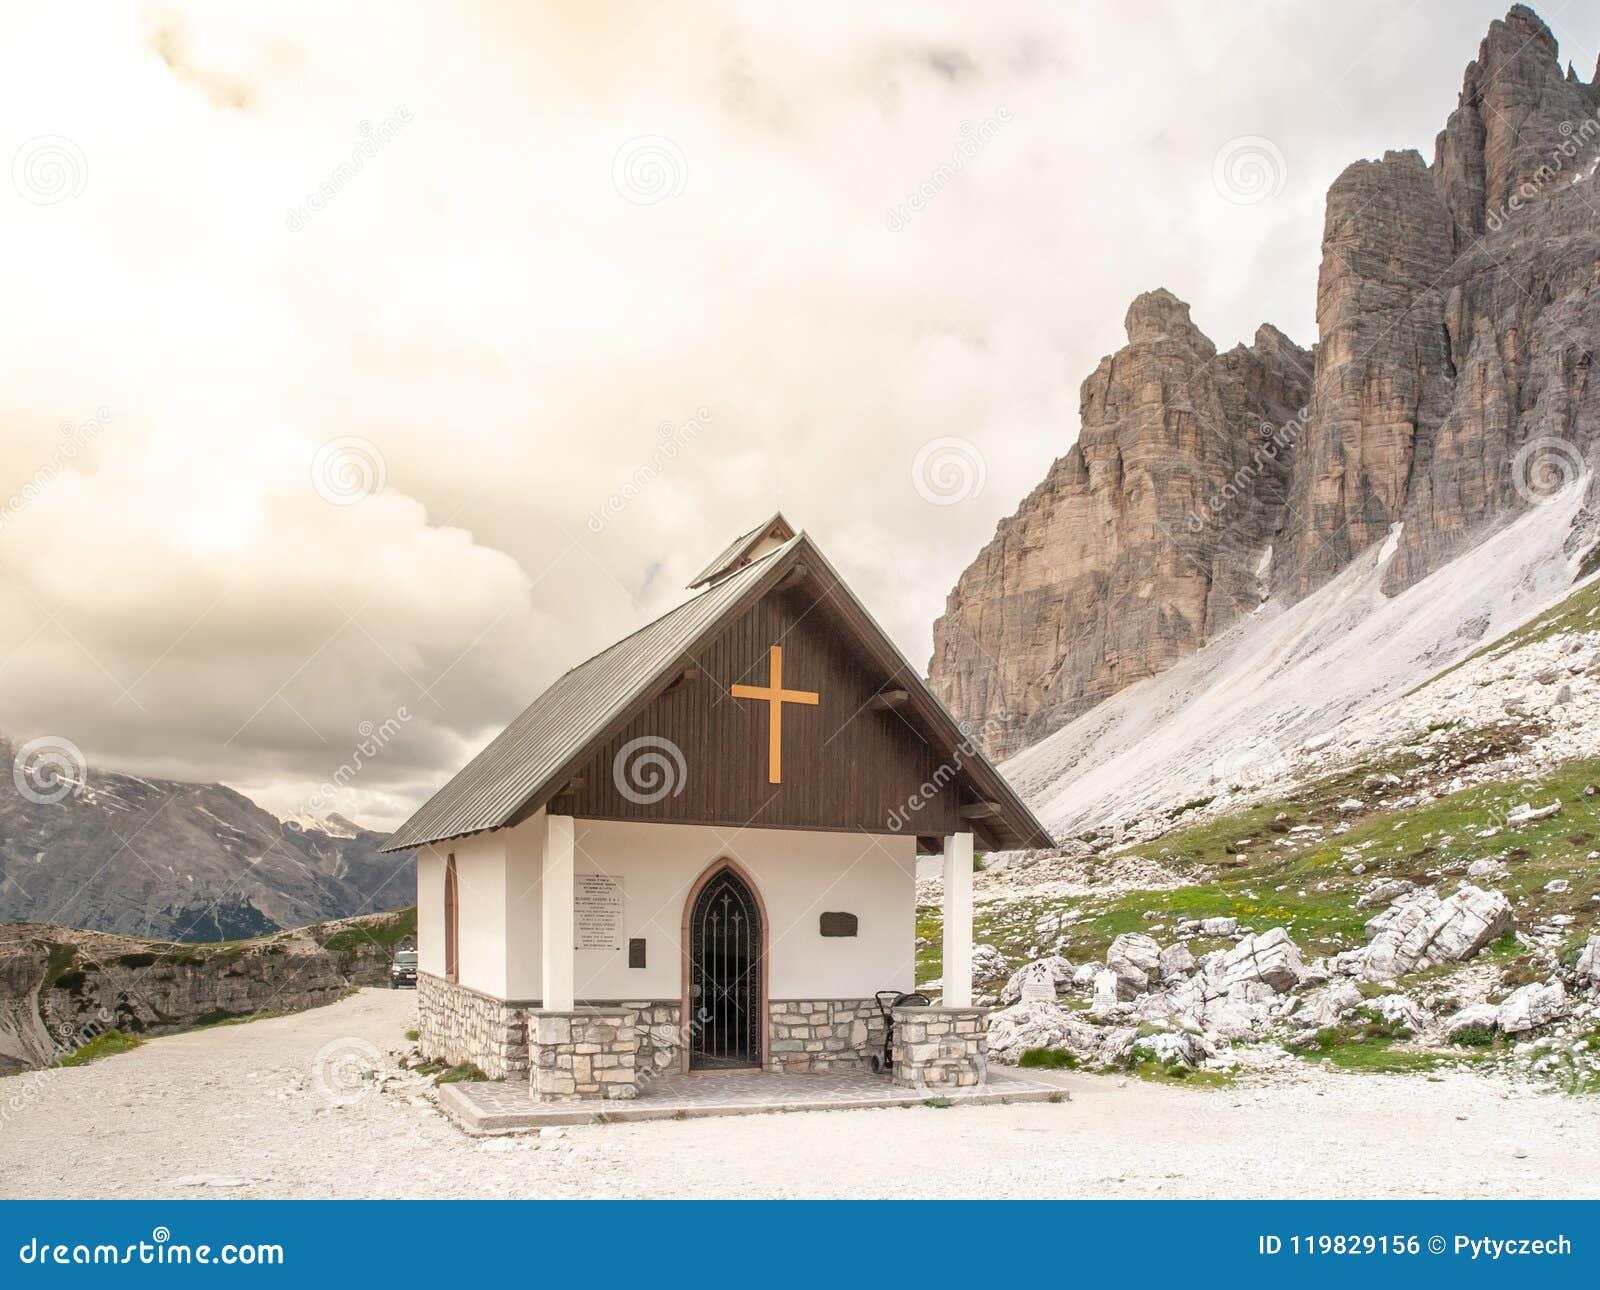 Small mountain chapel, Cappella degli Alpini, at Tre Cime di Lavaredo, Dolomites, Italy